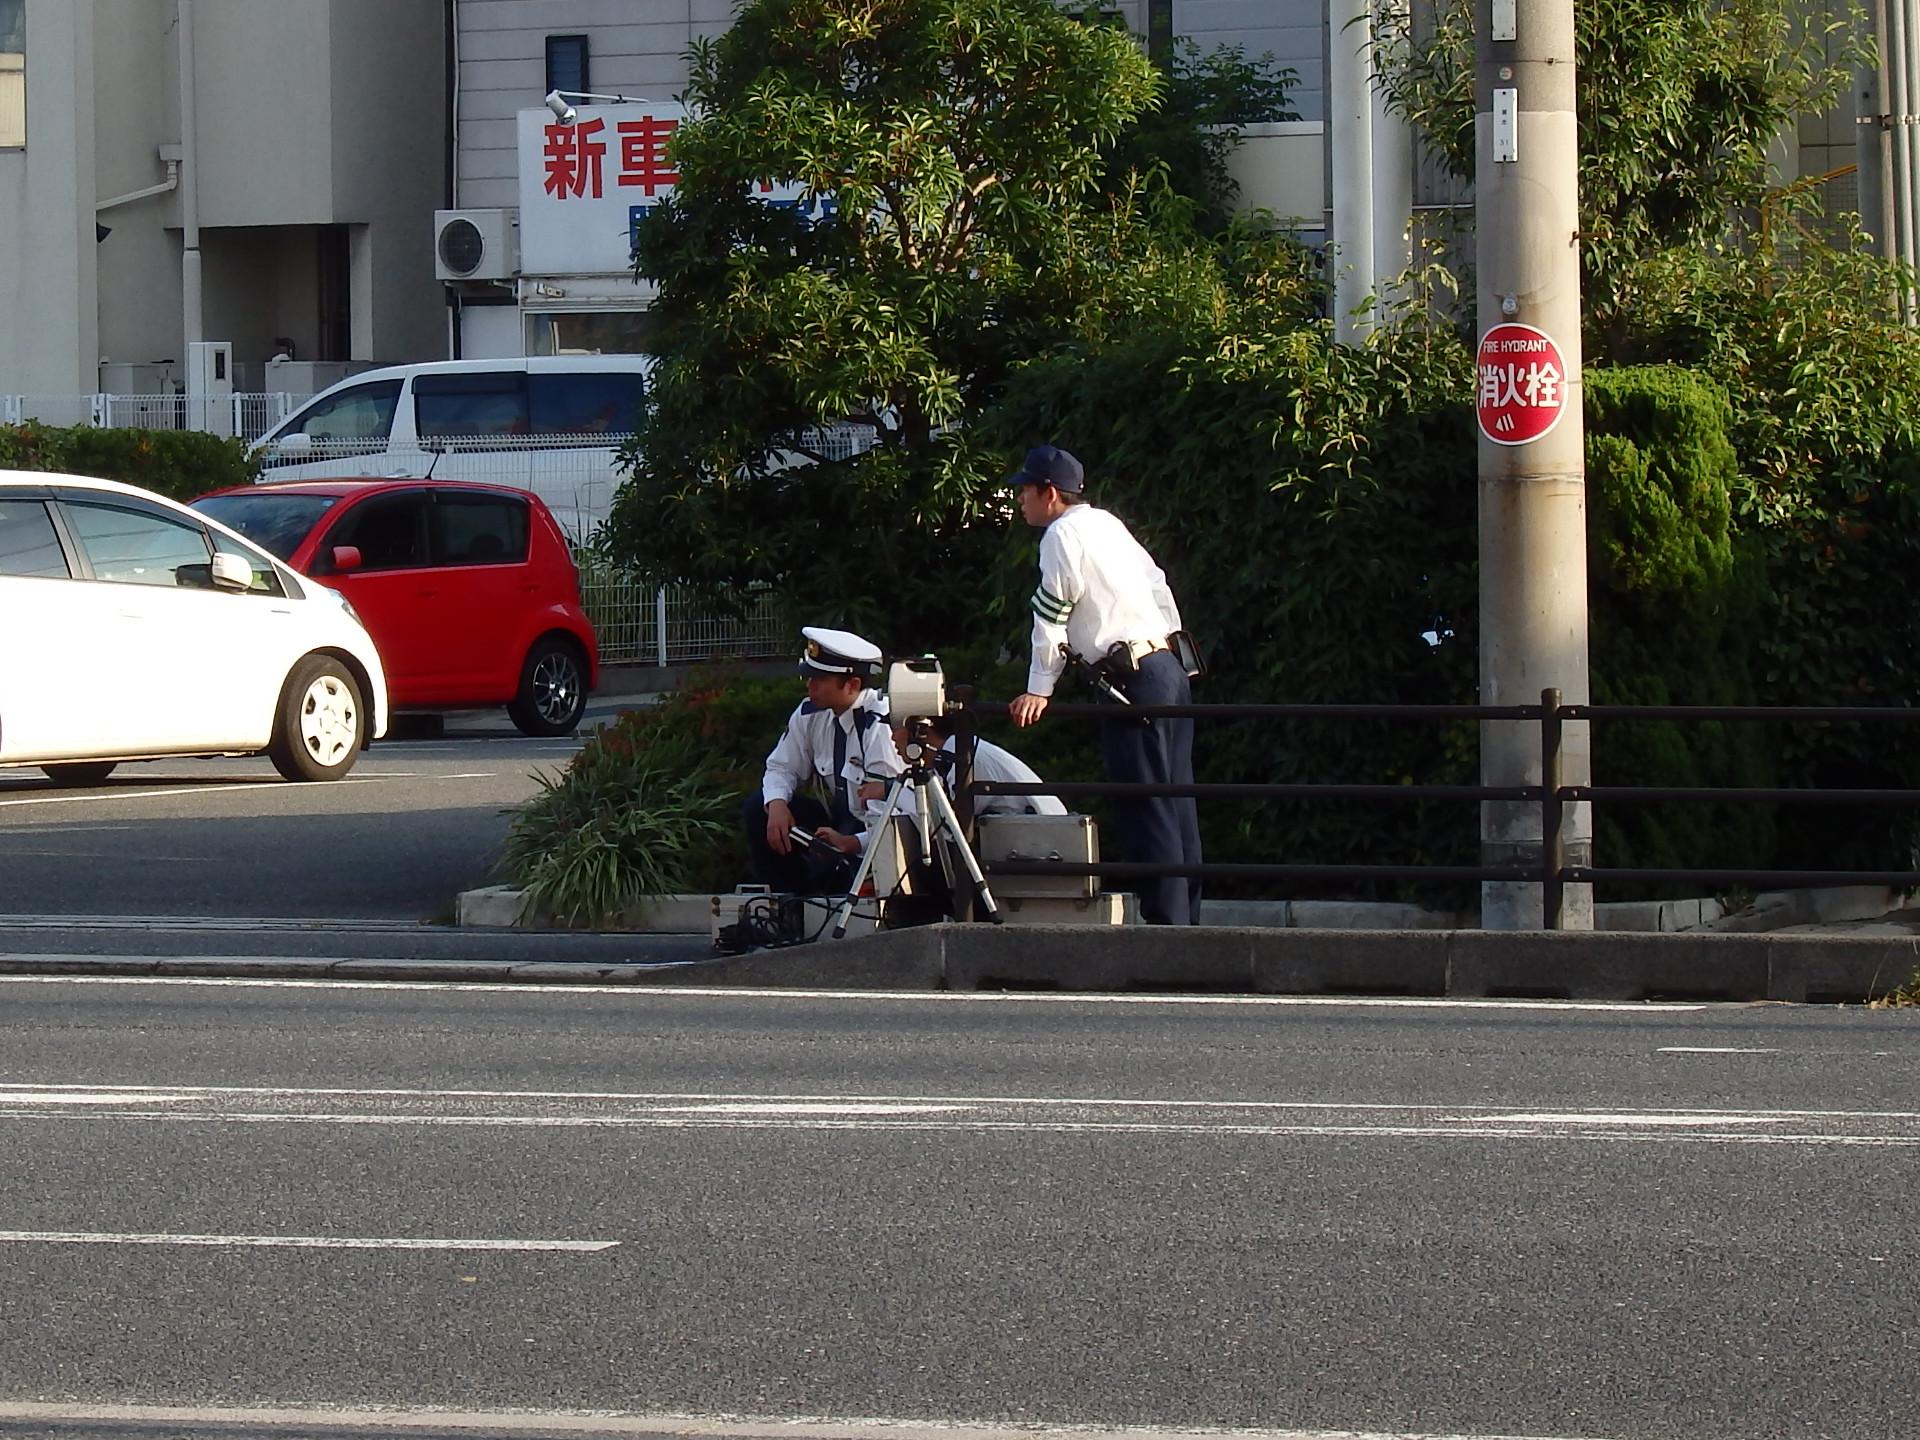 こんな場所、こんな時間帯にネズミ取りをする卑劣な交通警察です。